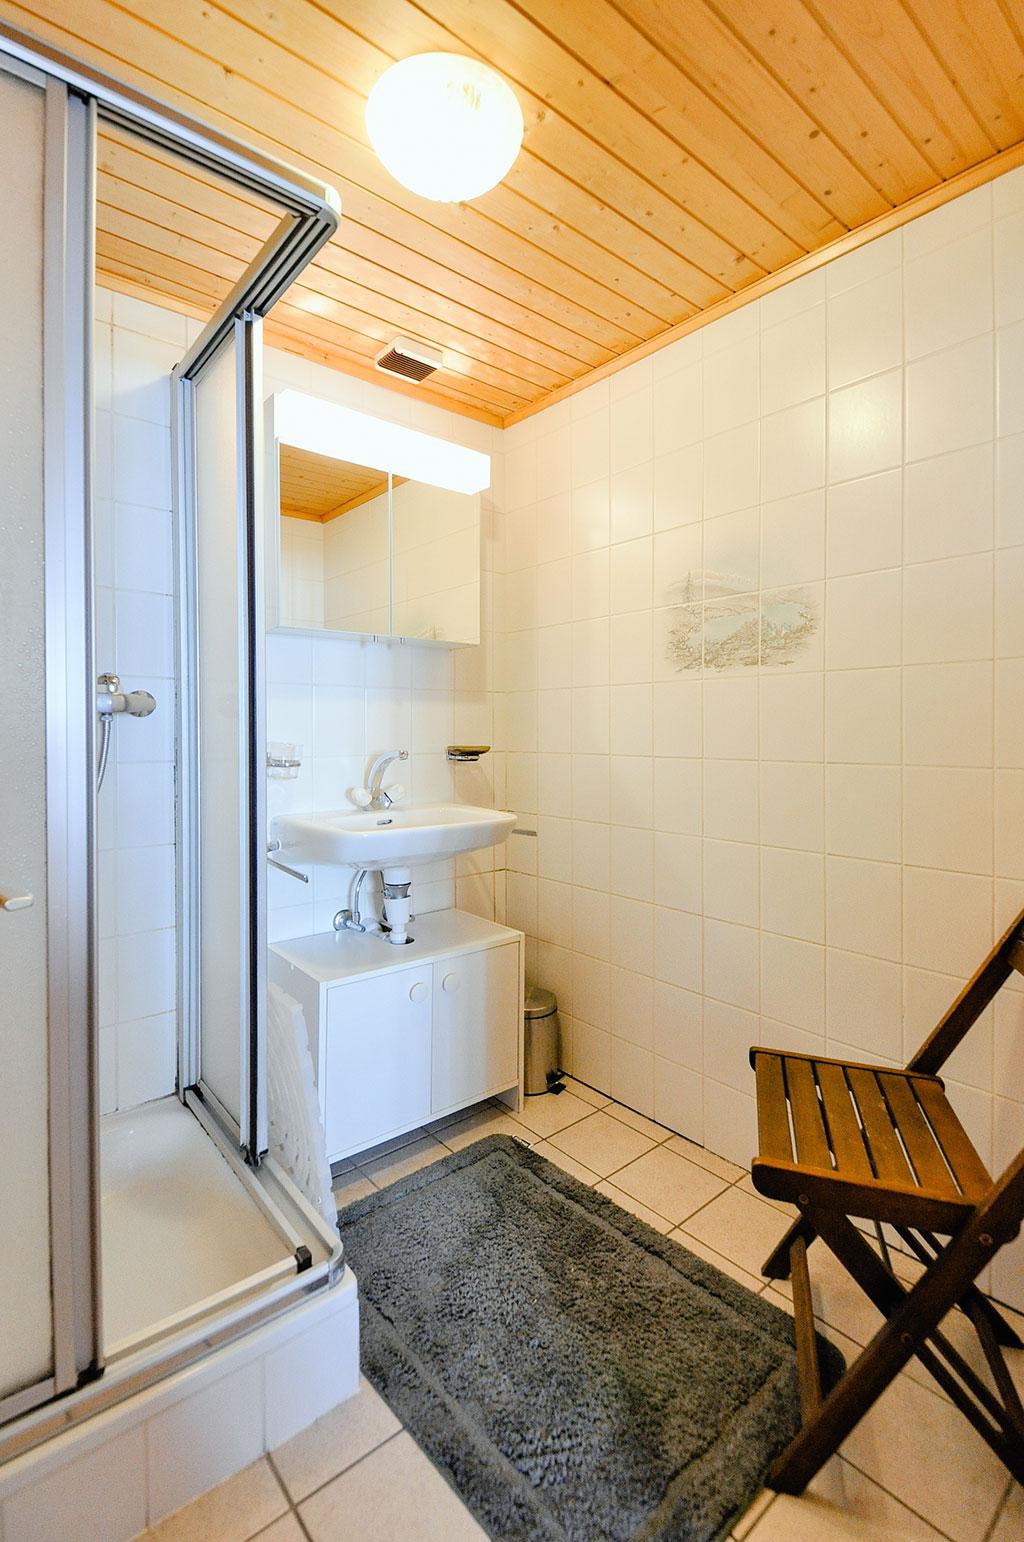 Ferienhaus Skihütte 4-8 Pers. (834947), Les Crosets, Val d'Illiez, Wallis, Schweiz, Bild 11